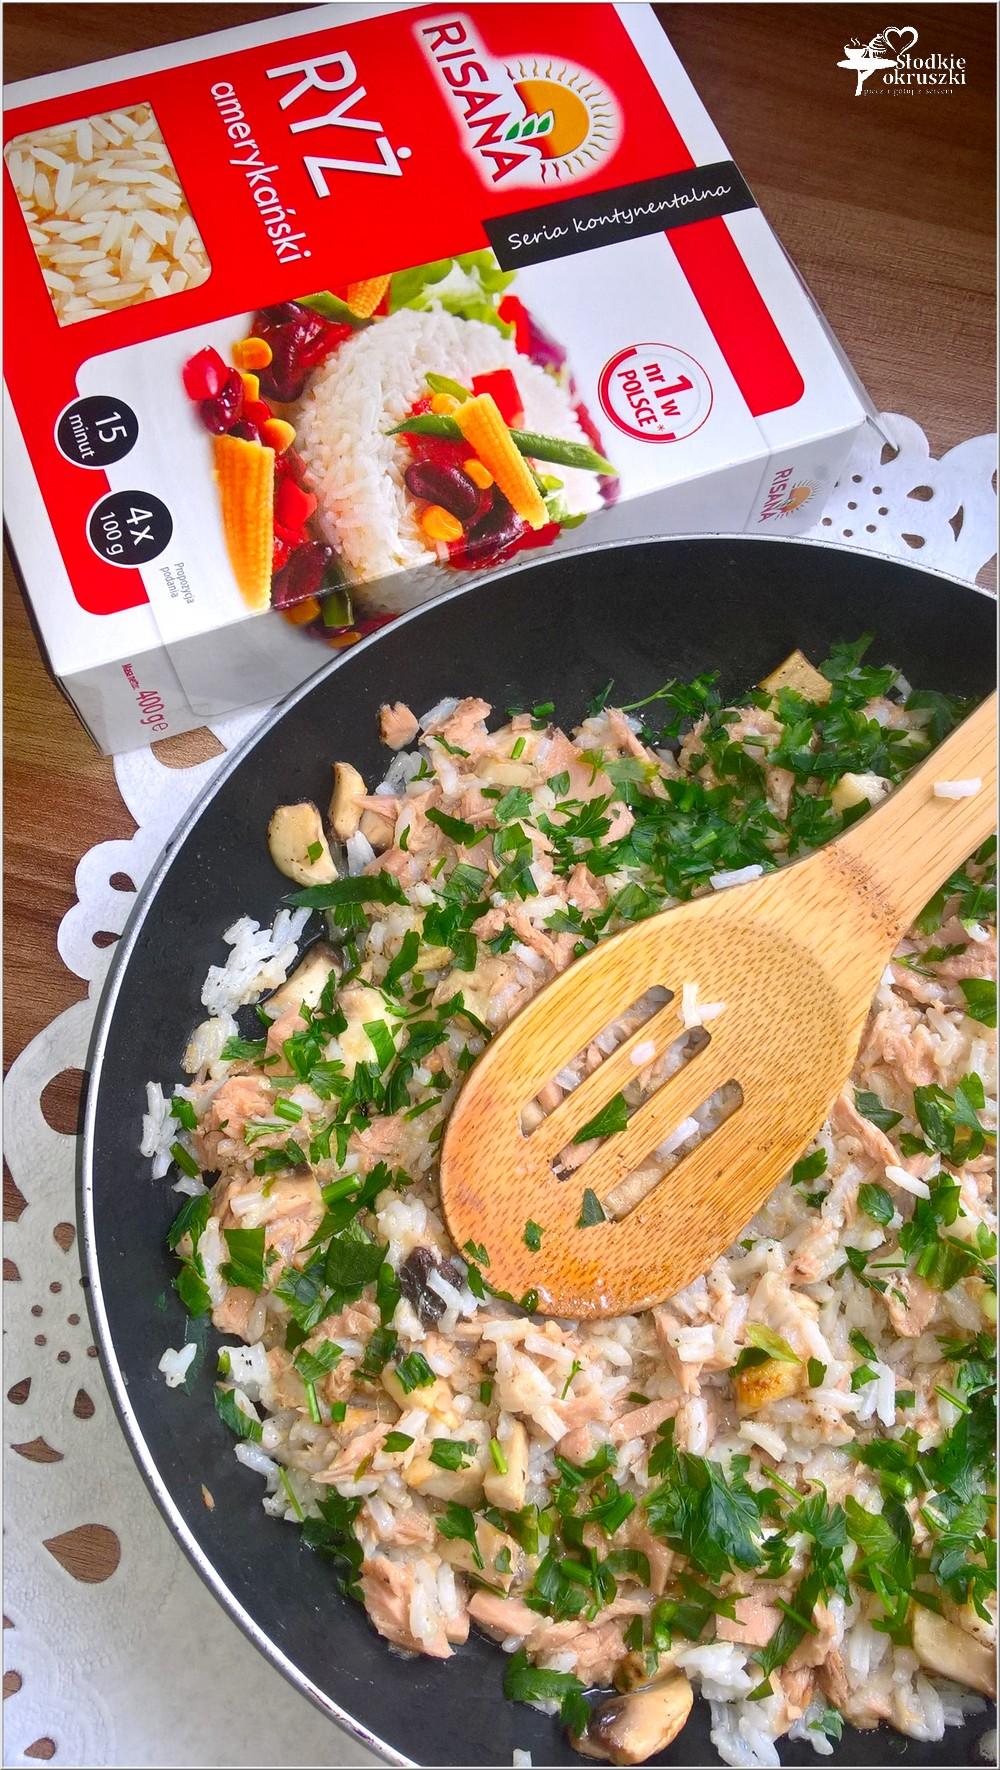 Szybki ryż z tuńczykiem i pieczarkami (2)